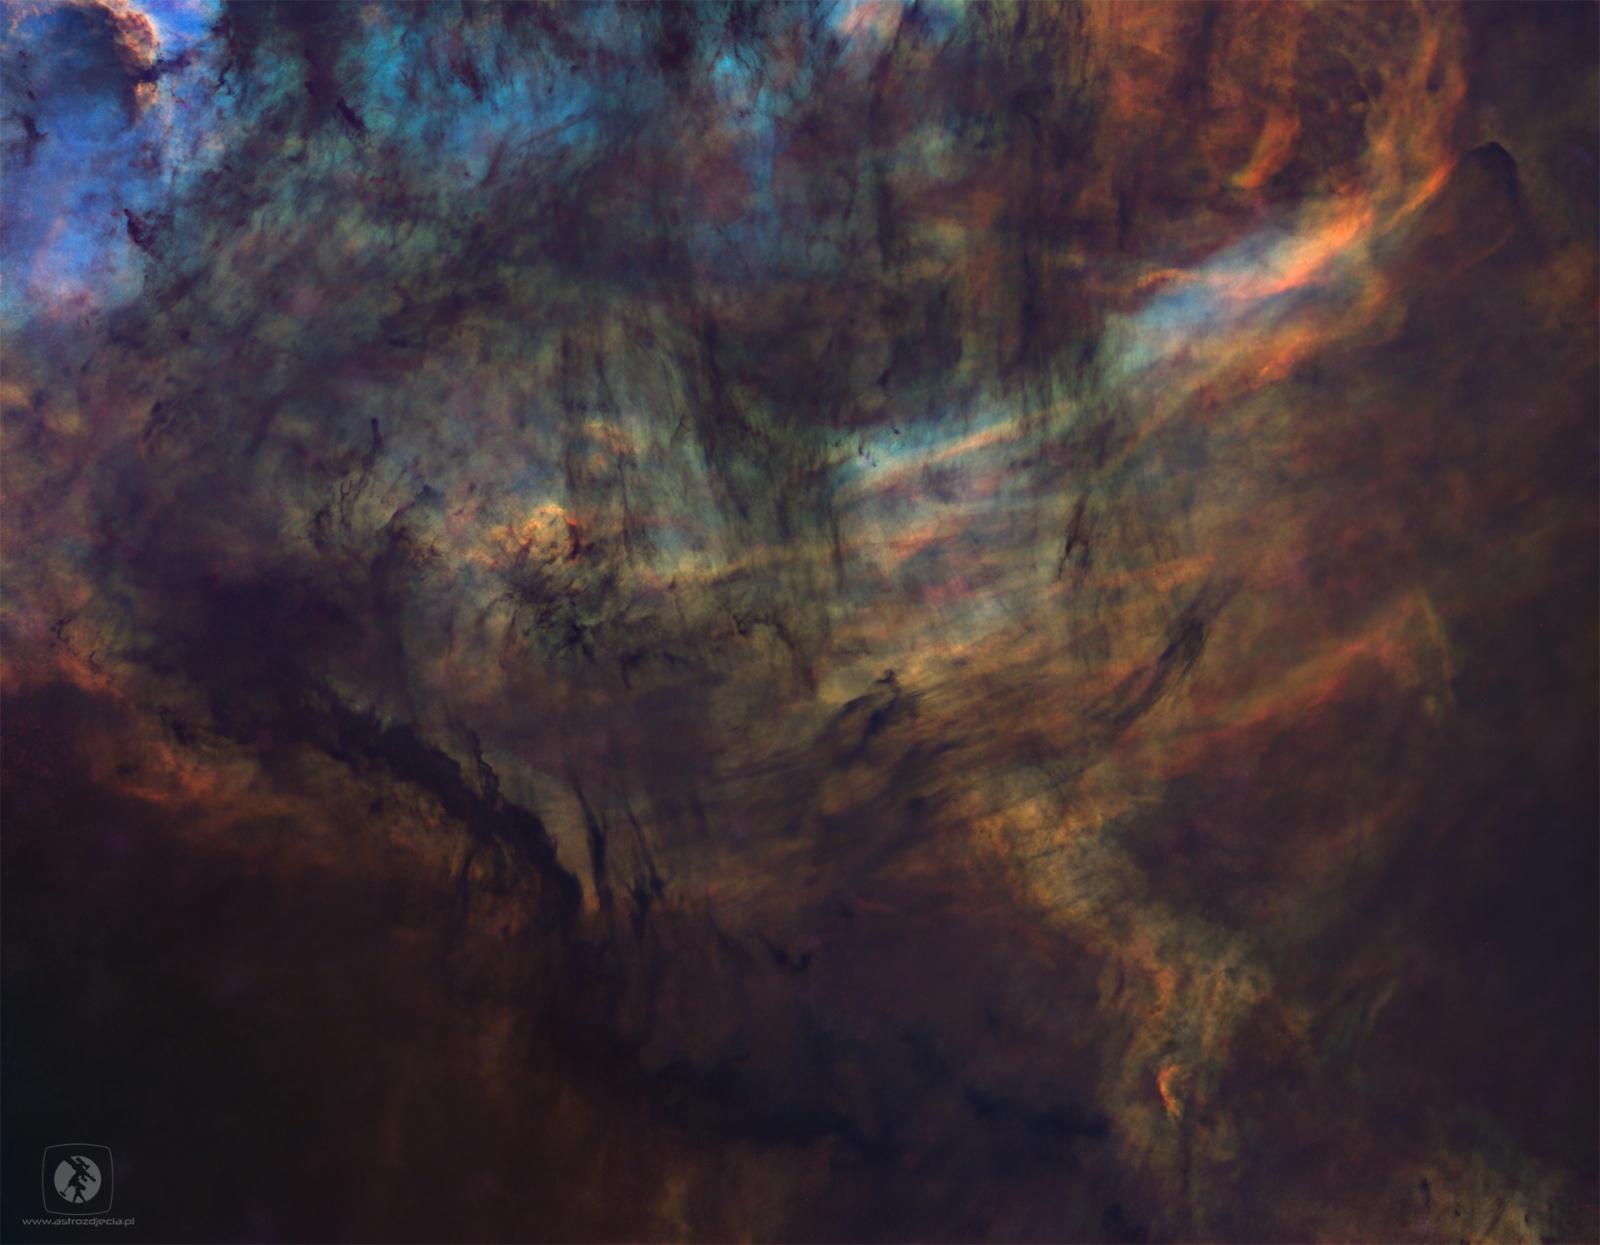 IC5068-starless.thumb.jpg.379830a2038d7f9aaeb3dfad1e61c3f2.jpg